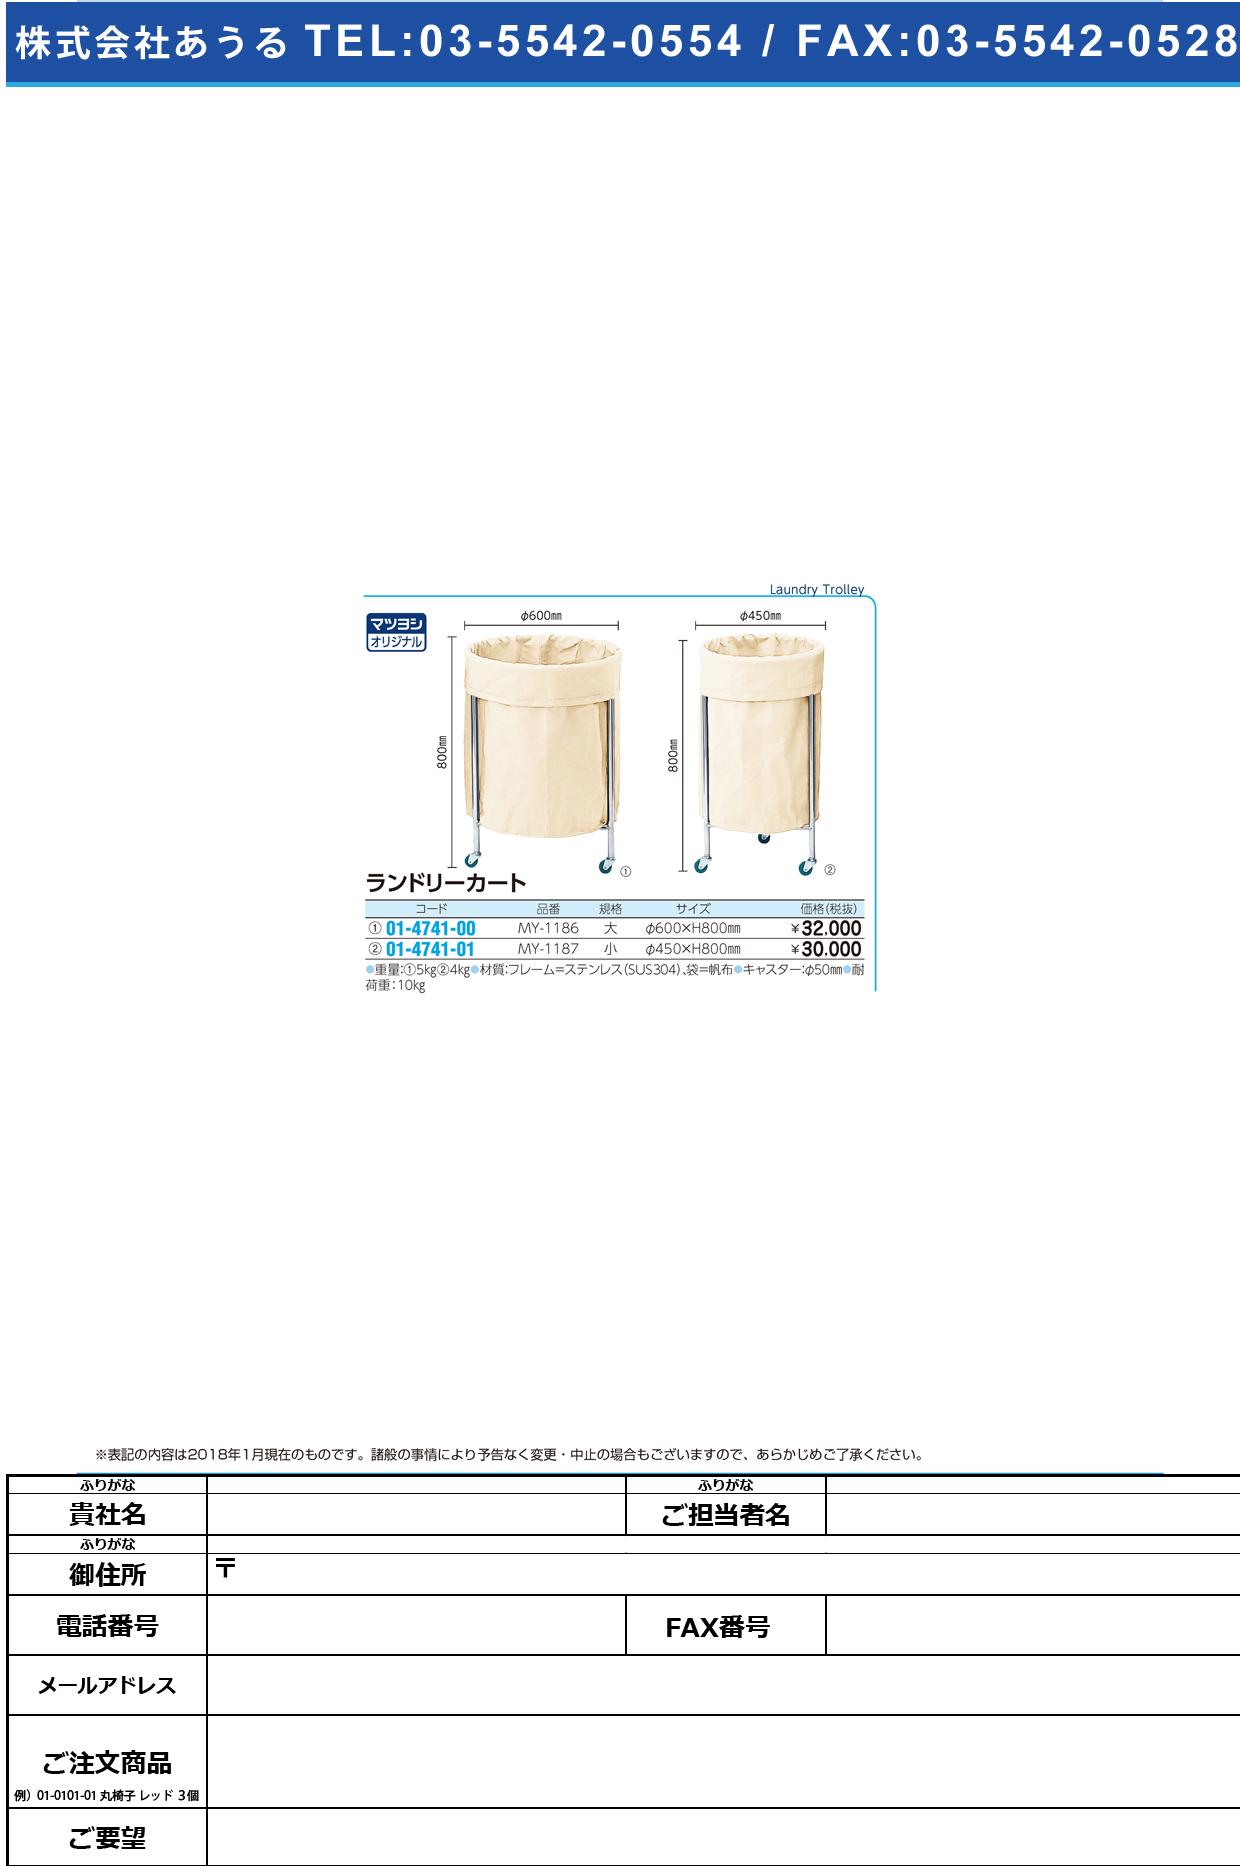 (01-4741-00)ランドリーカート(大) MY-1186(600X800MM) ランドリーカート(ダイ)【1台単位】【2019年カタログ商品】